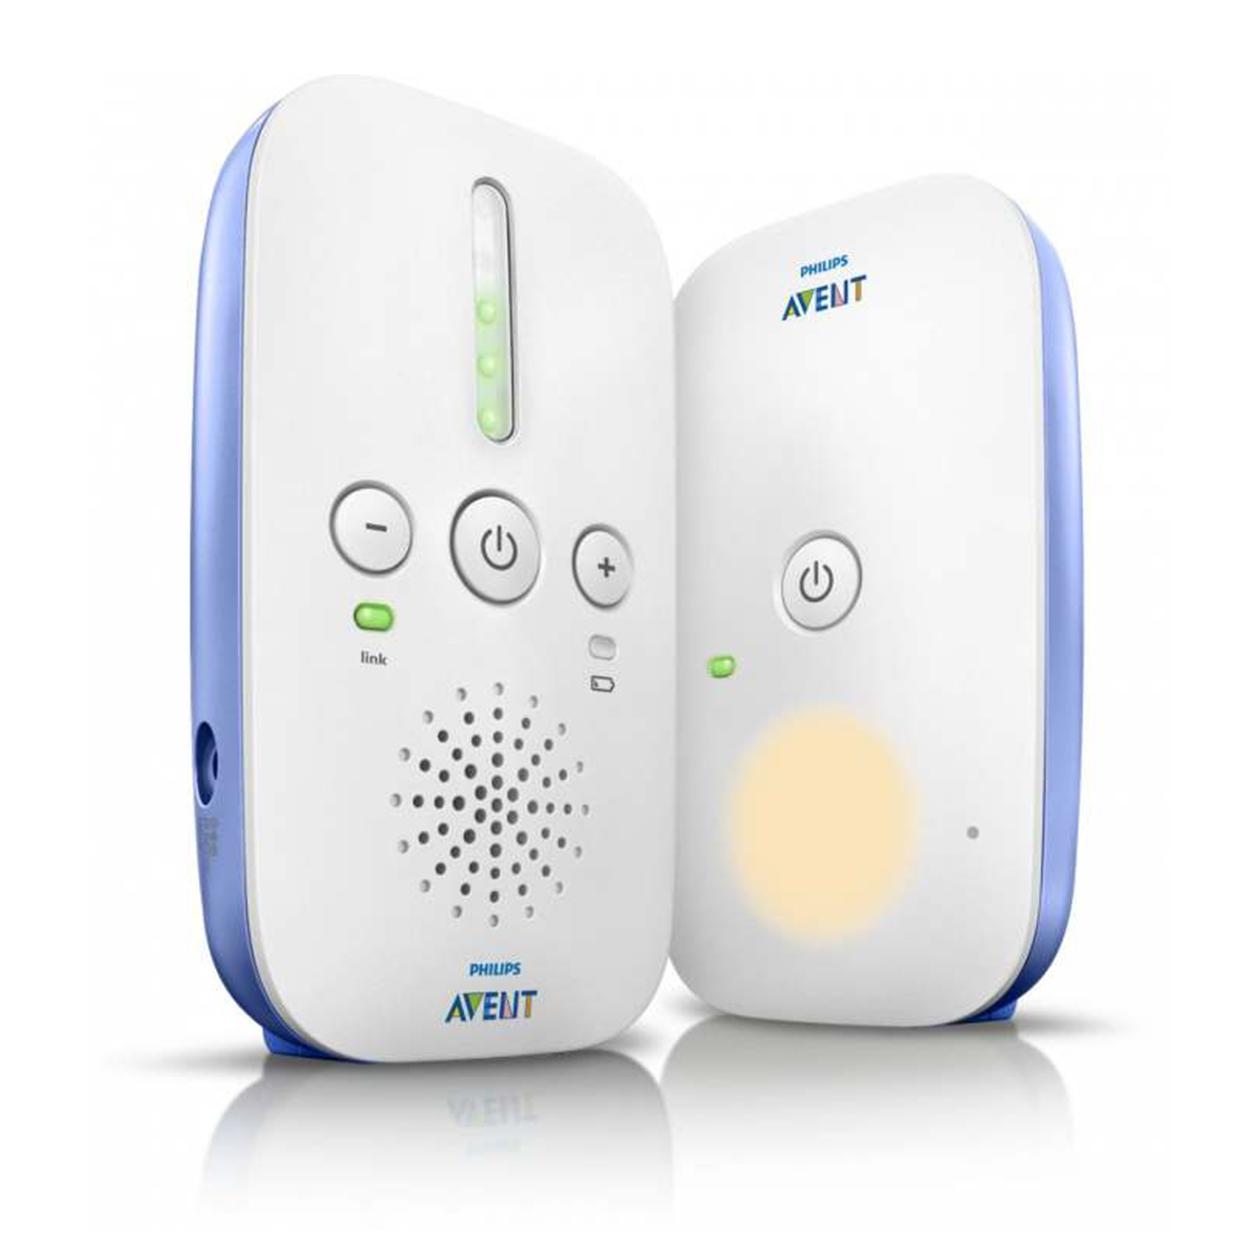 Pirkite Philips Avent DECT kūdikių stebėjimo įrenginį SCD501/00 elektroninėje   Philips parduotuvėje